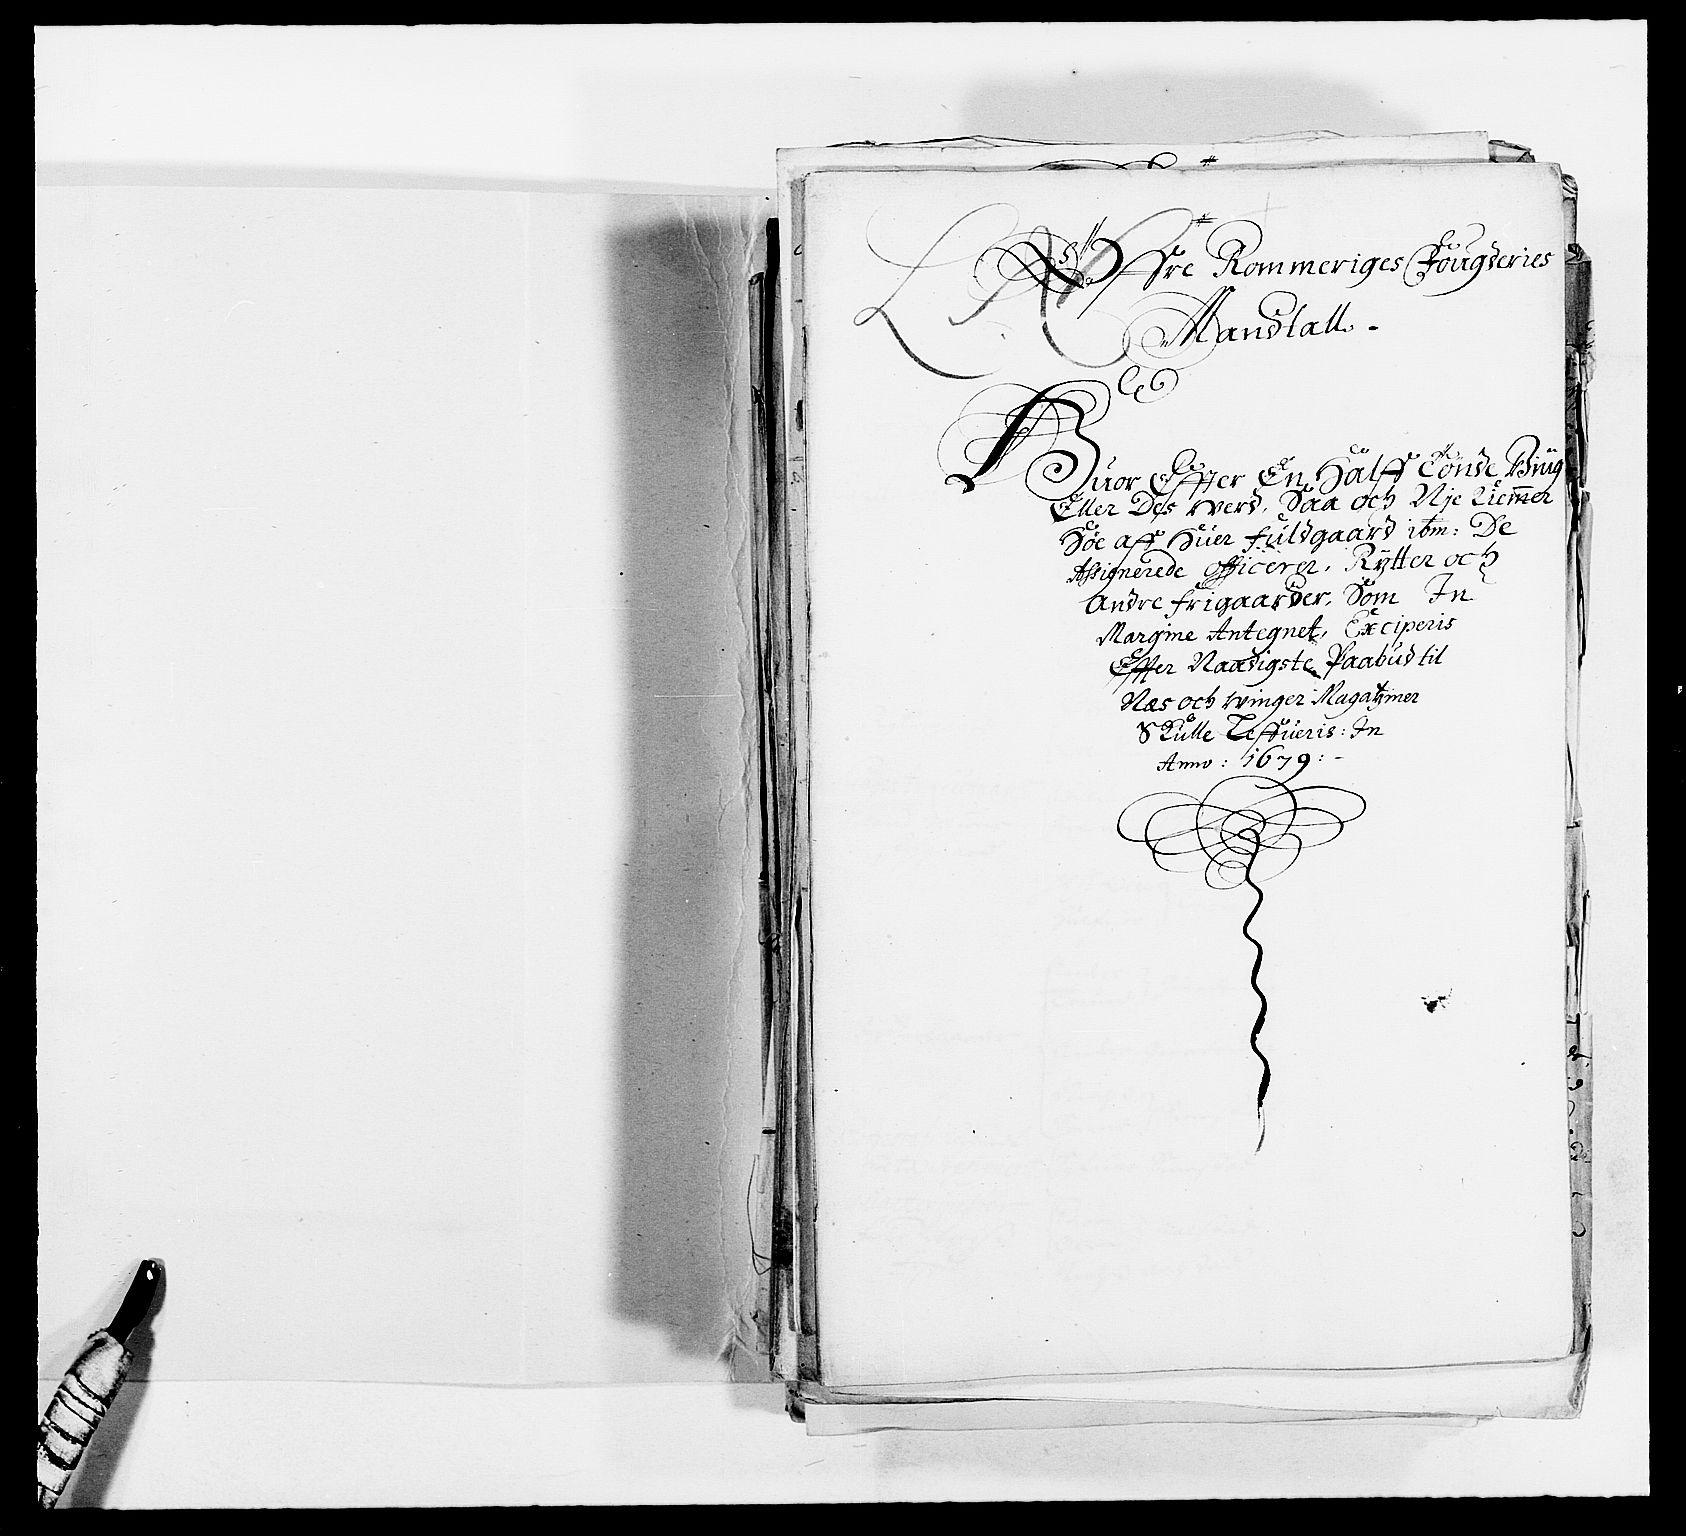 RA, Rentekammeret inntil 1814, Reviderte regnskaper, Fogderegnskap, R12/L0694: Fogderegnskap Øvre Romerike, 1678-1679, s. 2